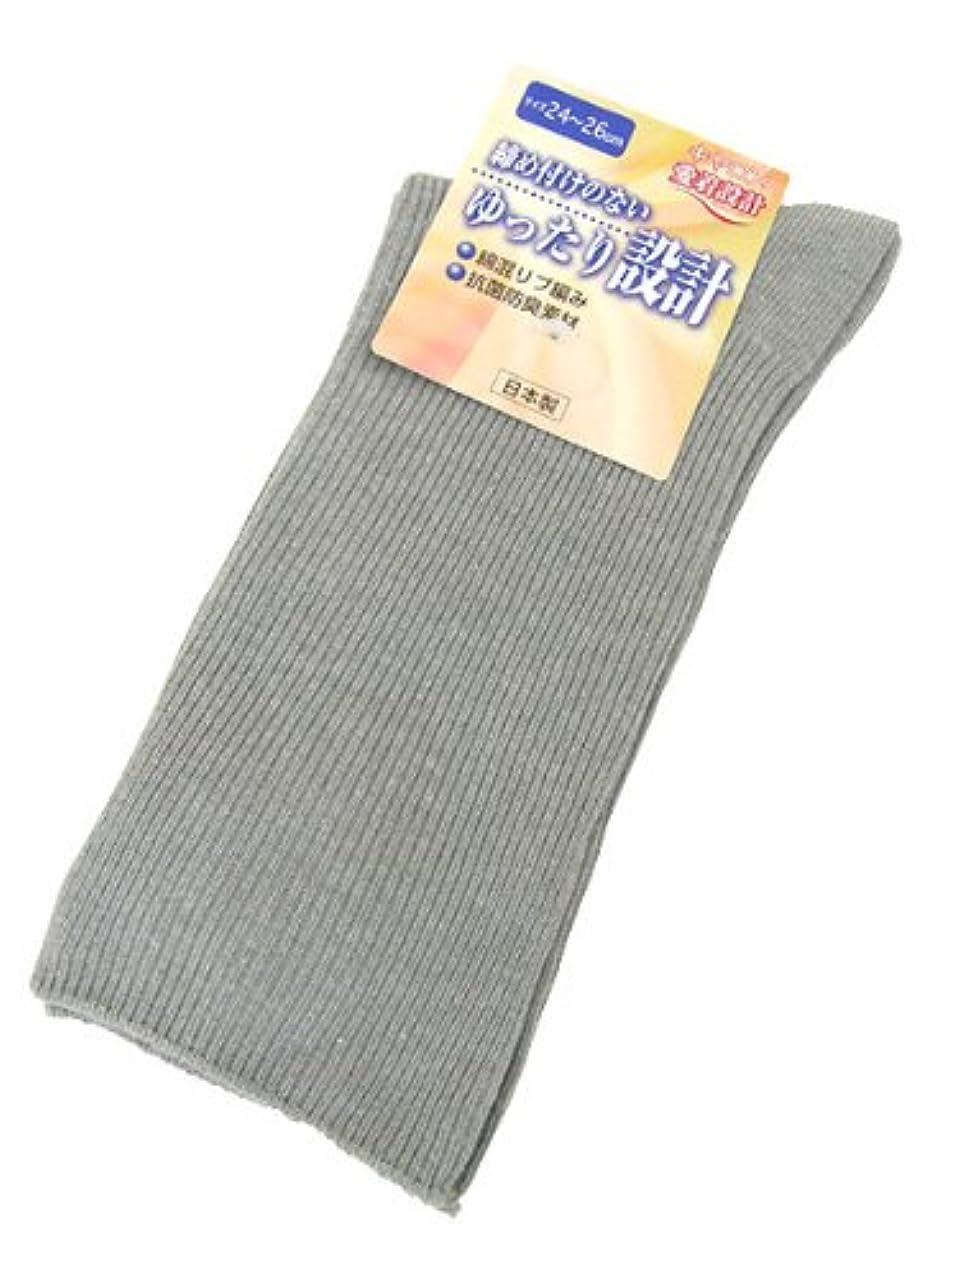 メンバー応用除外するゆったり設計ソックス綿混リブ 紳士用 ライトグレー